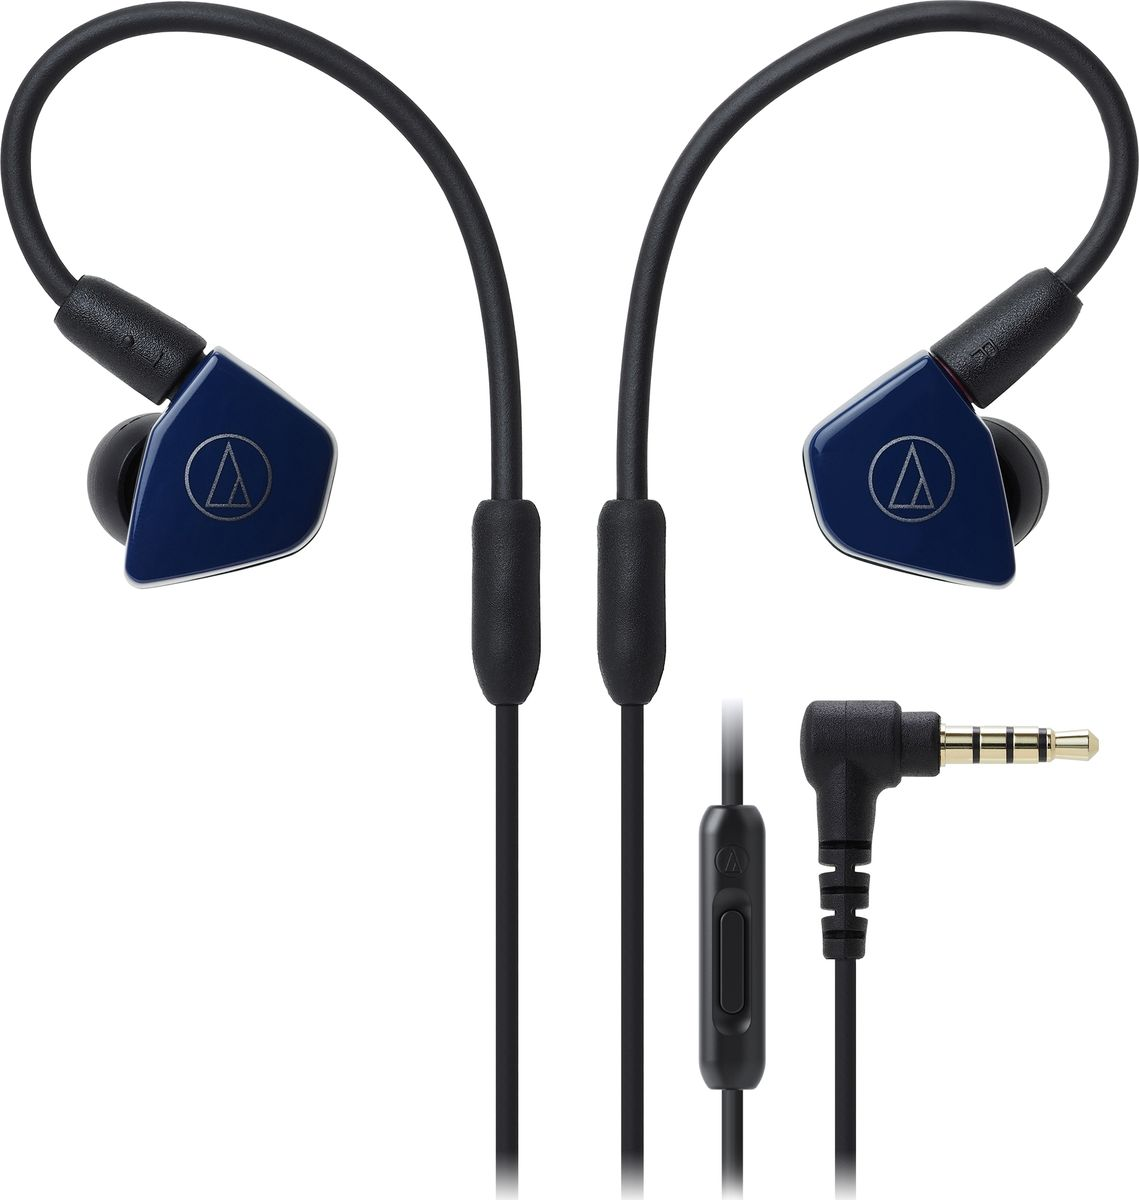 Audio-Technica ATH-LS50IS, Blue наушники15119536Внутриканальные наушники Audio-Technica ATH-LS50IS со сдвоенными излучателями обеспечат вам действительно живое концертное звучание, как будто вы находитесь в первом ряду. Сдвоенные драйверы располагаются в одном корпусе и работают синфазно, тем самым уменьшая деформацию мембраны и обеспечивая сбалансированное звучание с мощным басом. Корпус модели выполнен из прочного ABS-пластика, что способствует снижению нежелательных резонансов.ATH-LS50iS оснащены съёмным кабелем с разъёмом A2DC, который снижает переходное затухание и улучшает разделение каналов. Кабель имеет микрофон и пульт управления, с помощью которого вы сможете управлять звонками и воспроизведением музыки. Гибкость кабеля с памятью формы позволит подобрать удобную посадку в ухе, что сказывается на фиксации наушника и комфорте ношения.8,8-мм сдвоенные излучателиСбалансированное звучание с мощным басом и отличной детальностьюГибкий съёмный кабель с памятью формыРазъём кабеля A2DCФункция гарнитурыКорпус из прочного ABS-пластикаАмбушюры четырёх размеров и чехол для хранения в комплекте